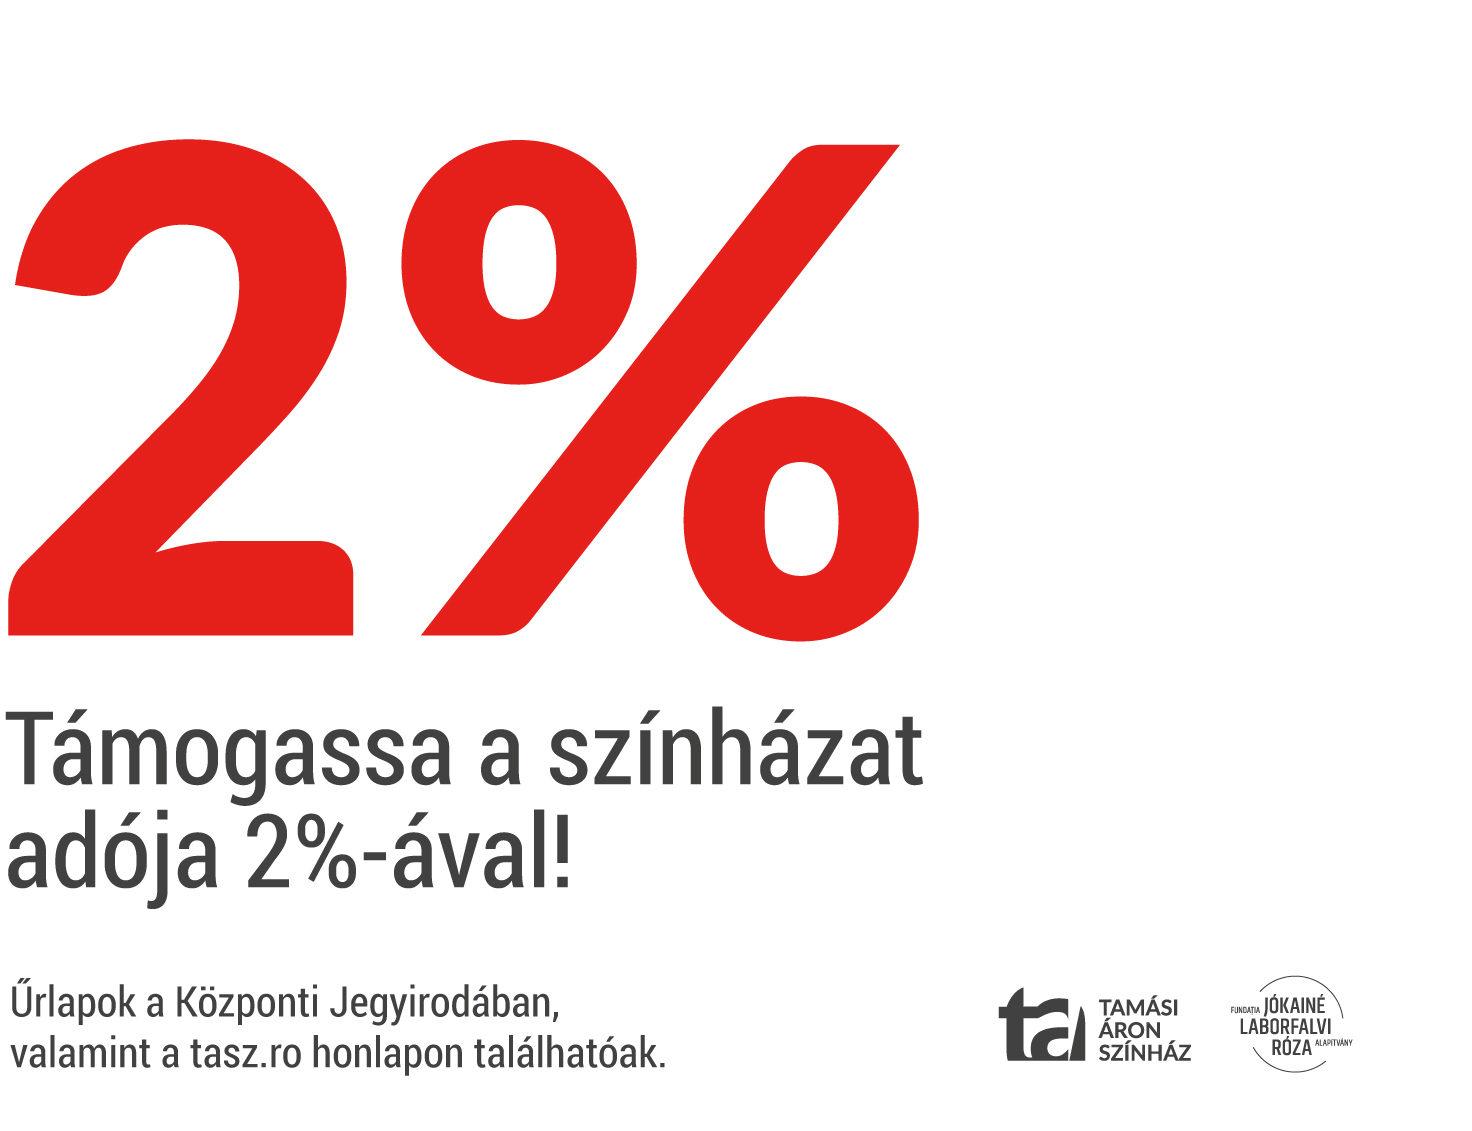 Támogassa színházunkat adója 2%-ával!